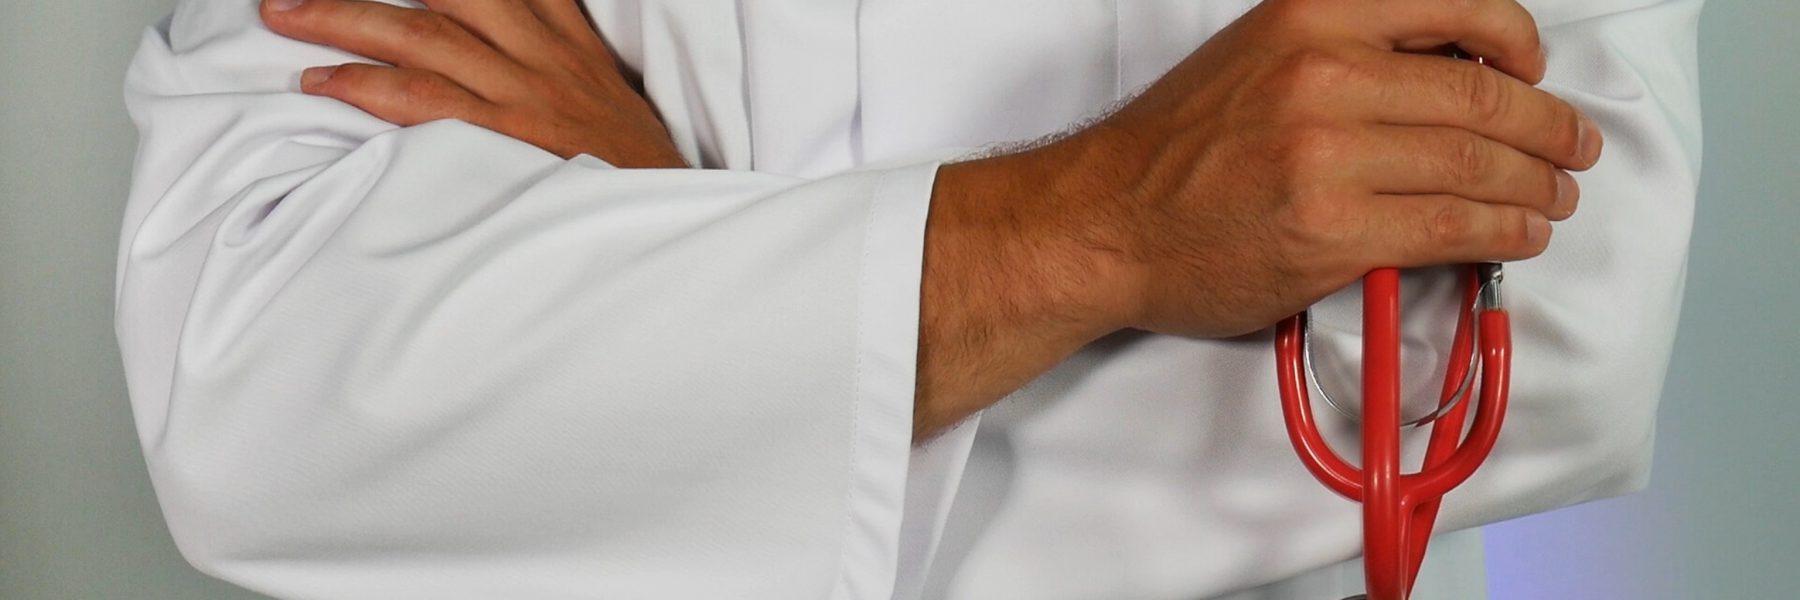 armen in witte jas en handen met stethoscoop